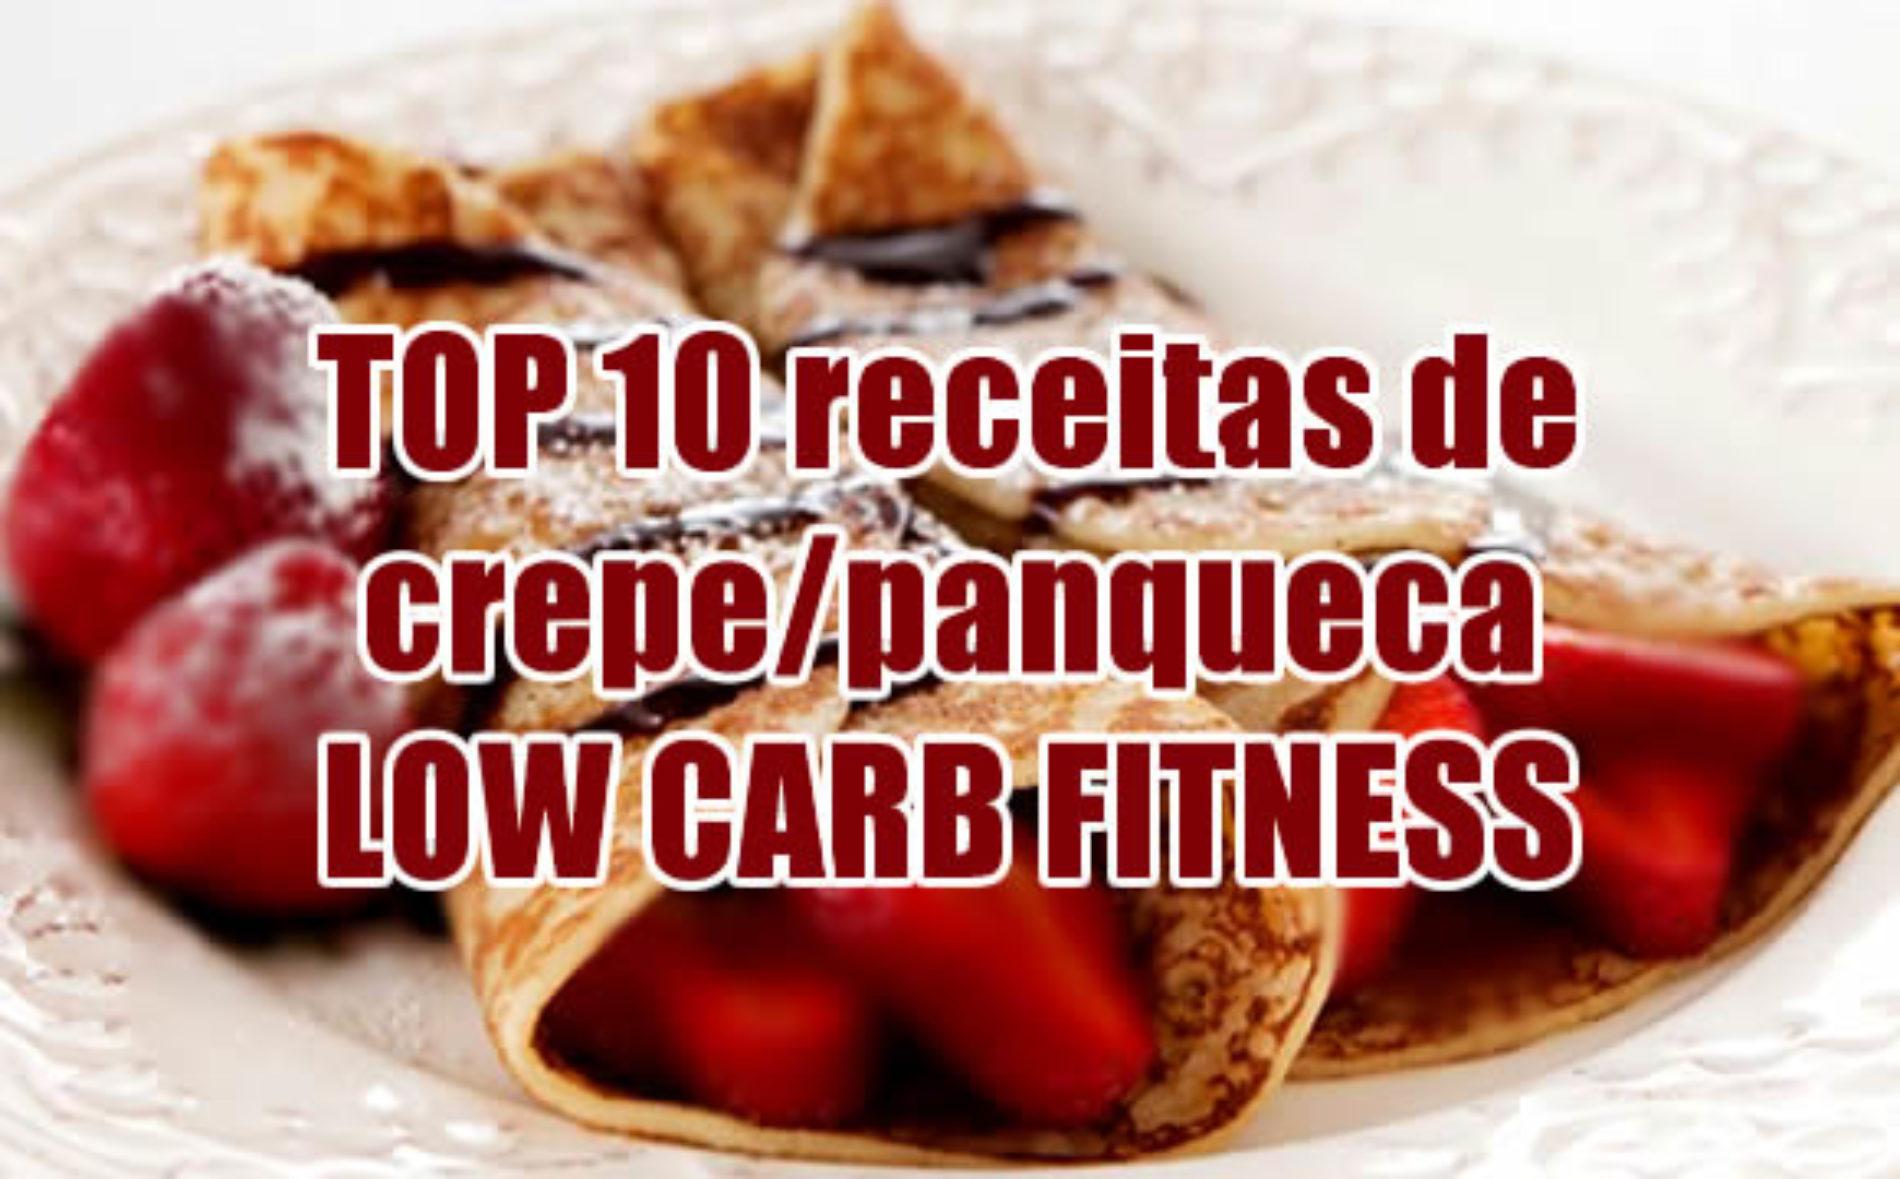 Receita Fitness de Crepe/Panqueca Low Carb – TOP 10 receitas